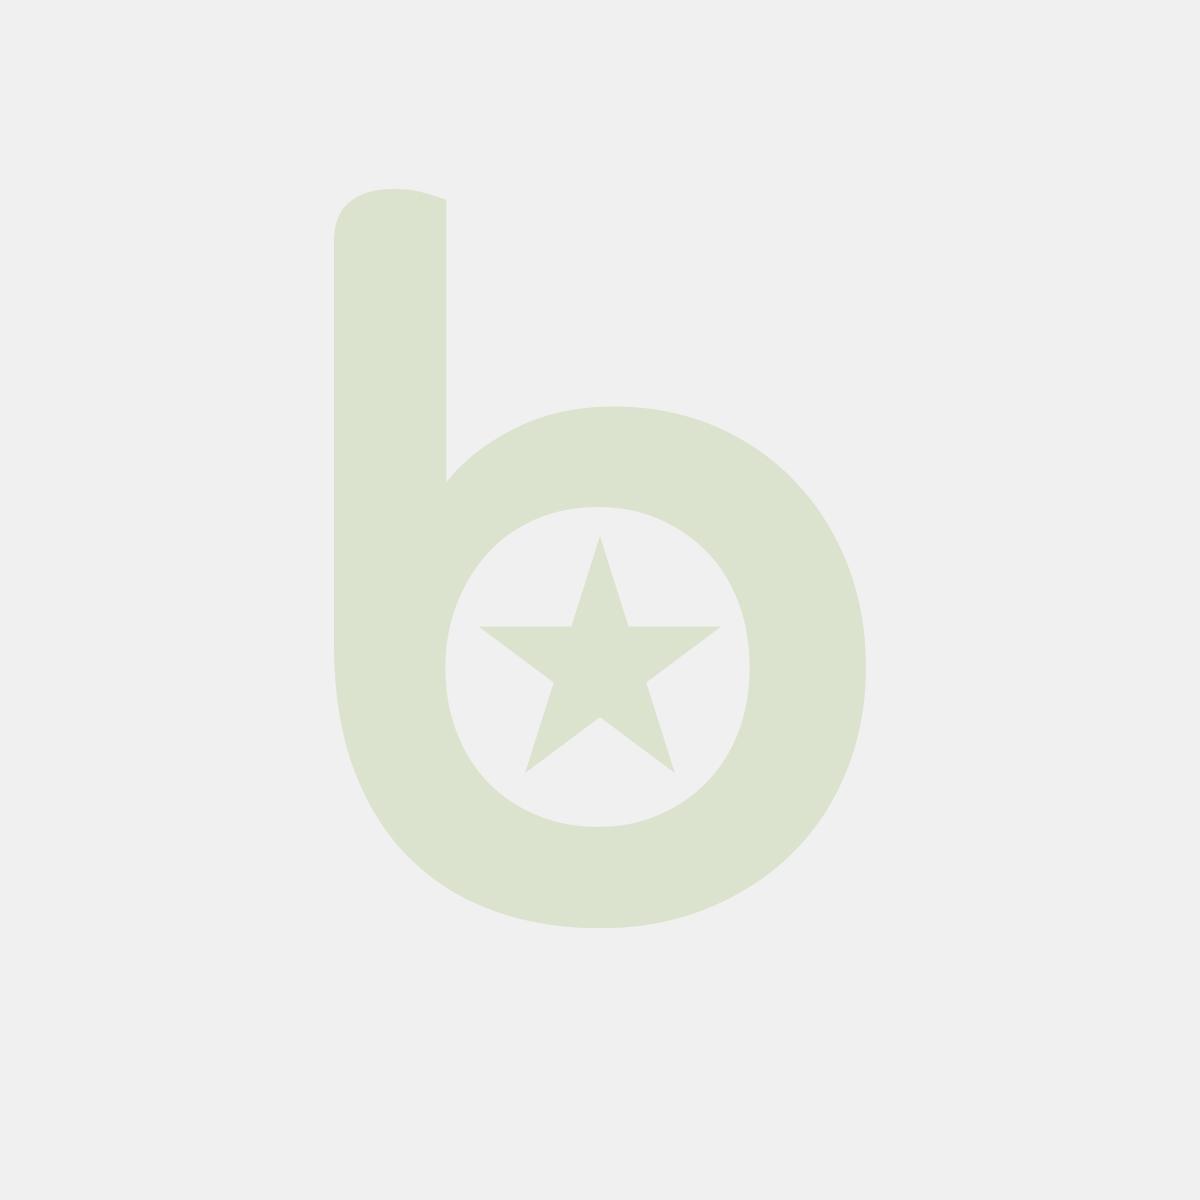 Taca drewnopodobna prostokątna 42x18cm z uchwytem, czarna z melaminy